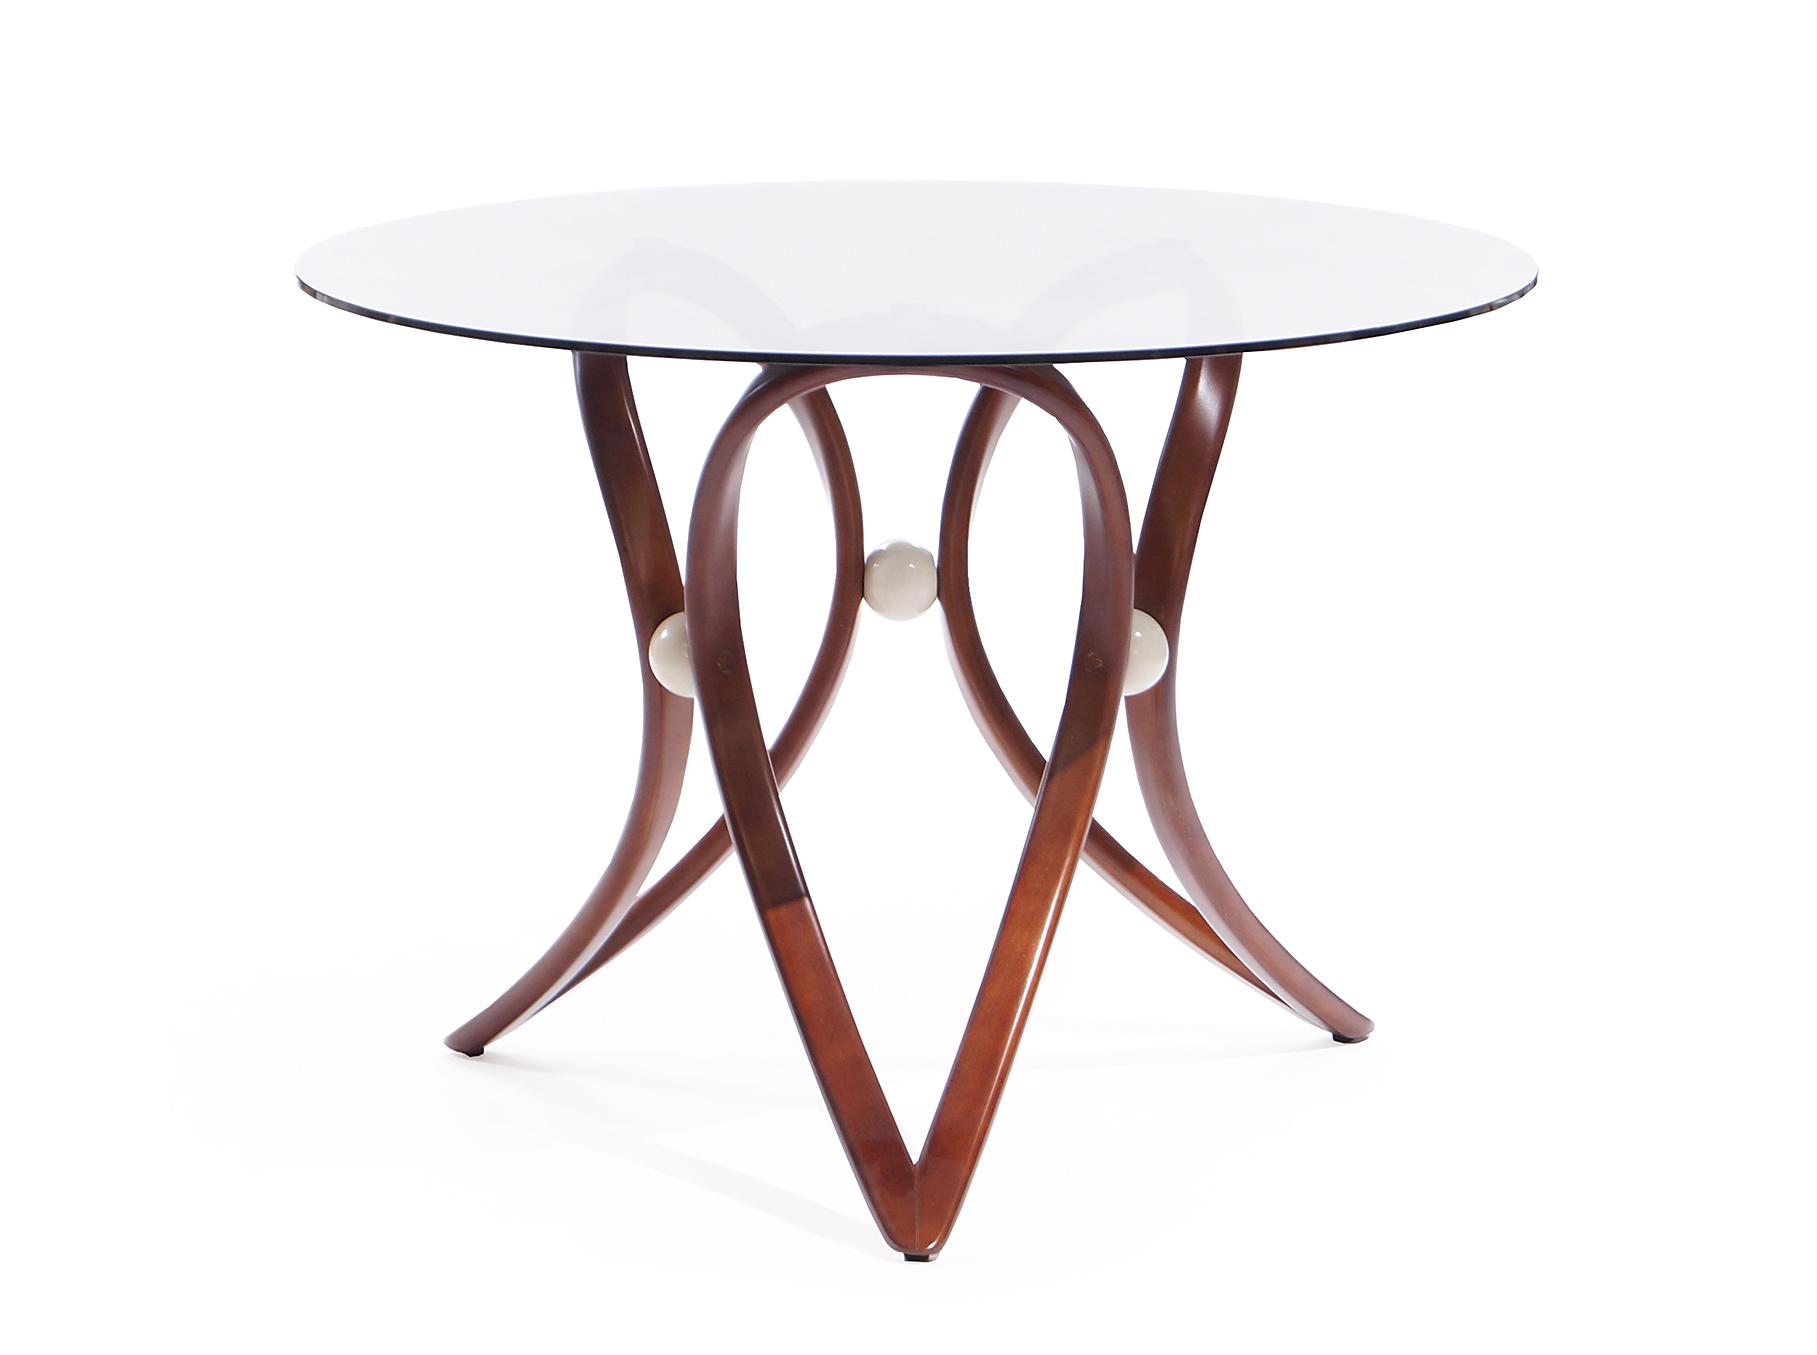 Стол обеденный Apriori VОбеденные столы<br>&amp;lt;div&amp;gt;Обеденный круглый стол с изящным основанием из натурального дерева.&amp;amp;nbsp;&amp;lt;/div&amp;gt;&amp;lt;div&amp;gt;&amp;lt;br&amp;gt;&amp;lt;/div&amp;gt;&amp;lt;div&amp;gt;Материал: натуральное дерево береза (8тон орех).&amp;lt;/div&amp;gt;&amp;lt;div&amp;gt;Стекло тонированное.&amp;lt;/div&amp;gt;<br><br>Material: Стекло<br>Length см: None<br>Width см: None<br>Height см: 75<br>Diameter см: 105